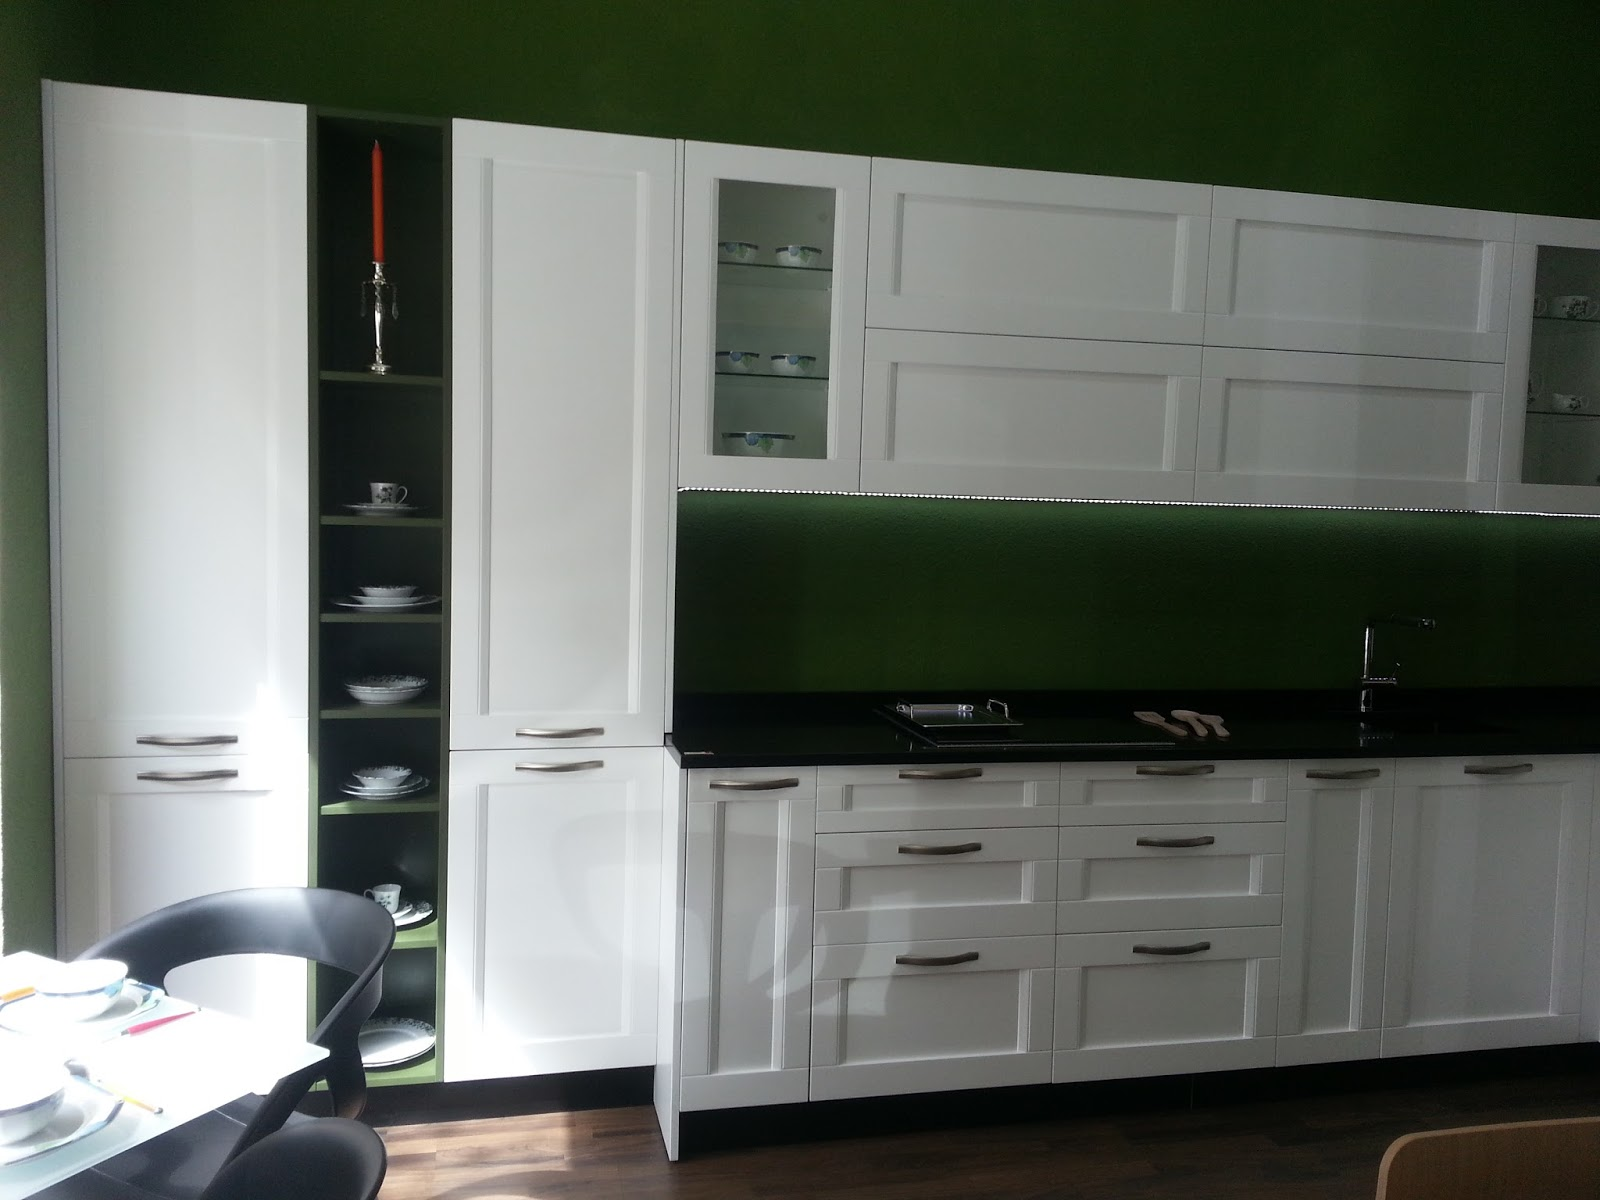 Genial cocina blanca y verde fotos nueva cocina blanca y - Cocinas decoradas en blanco ...